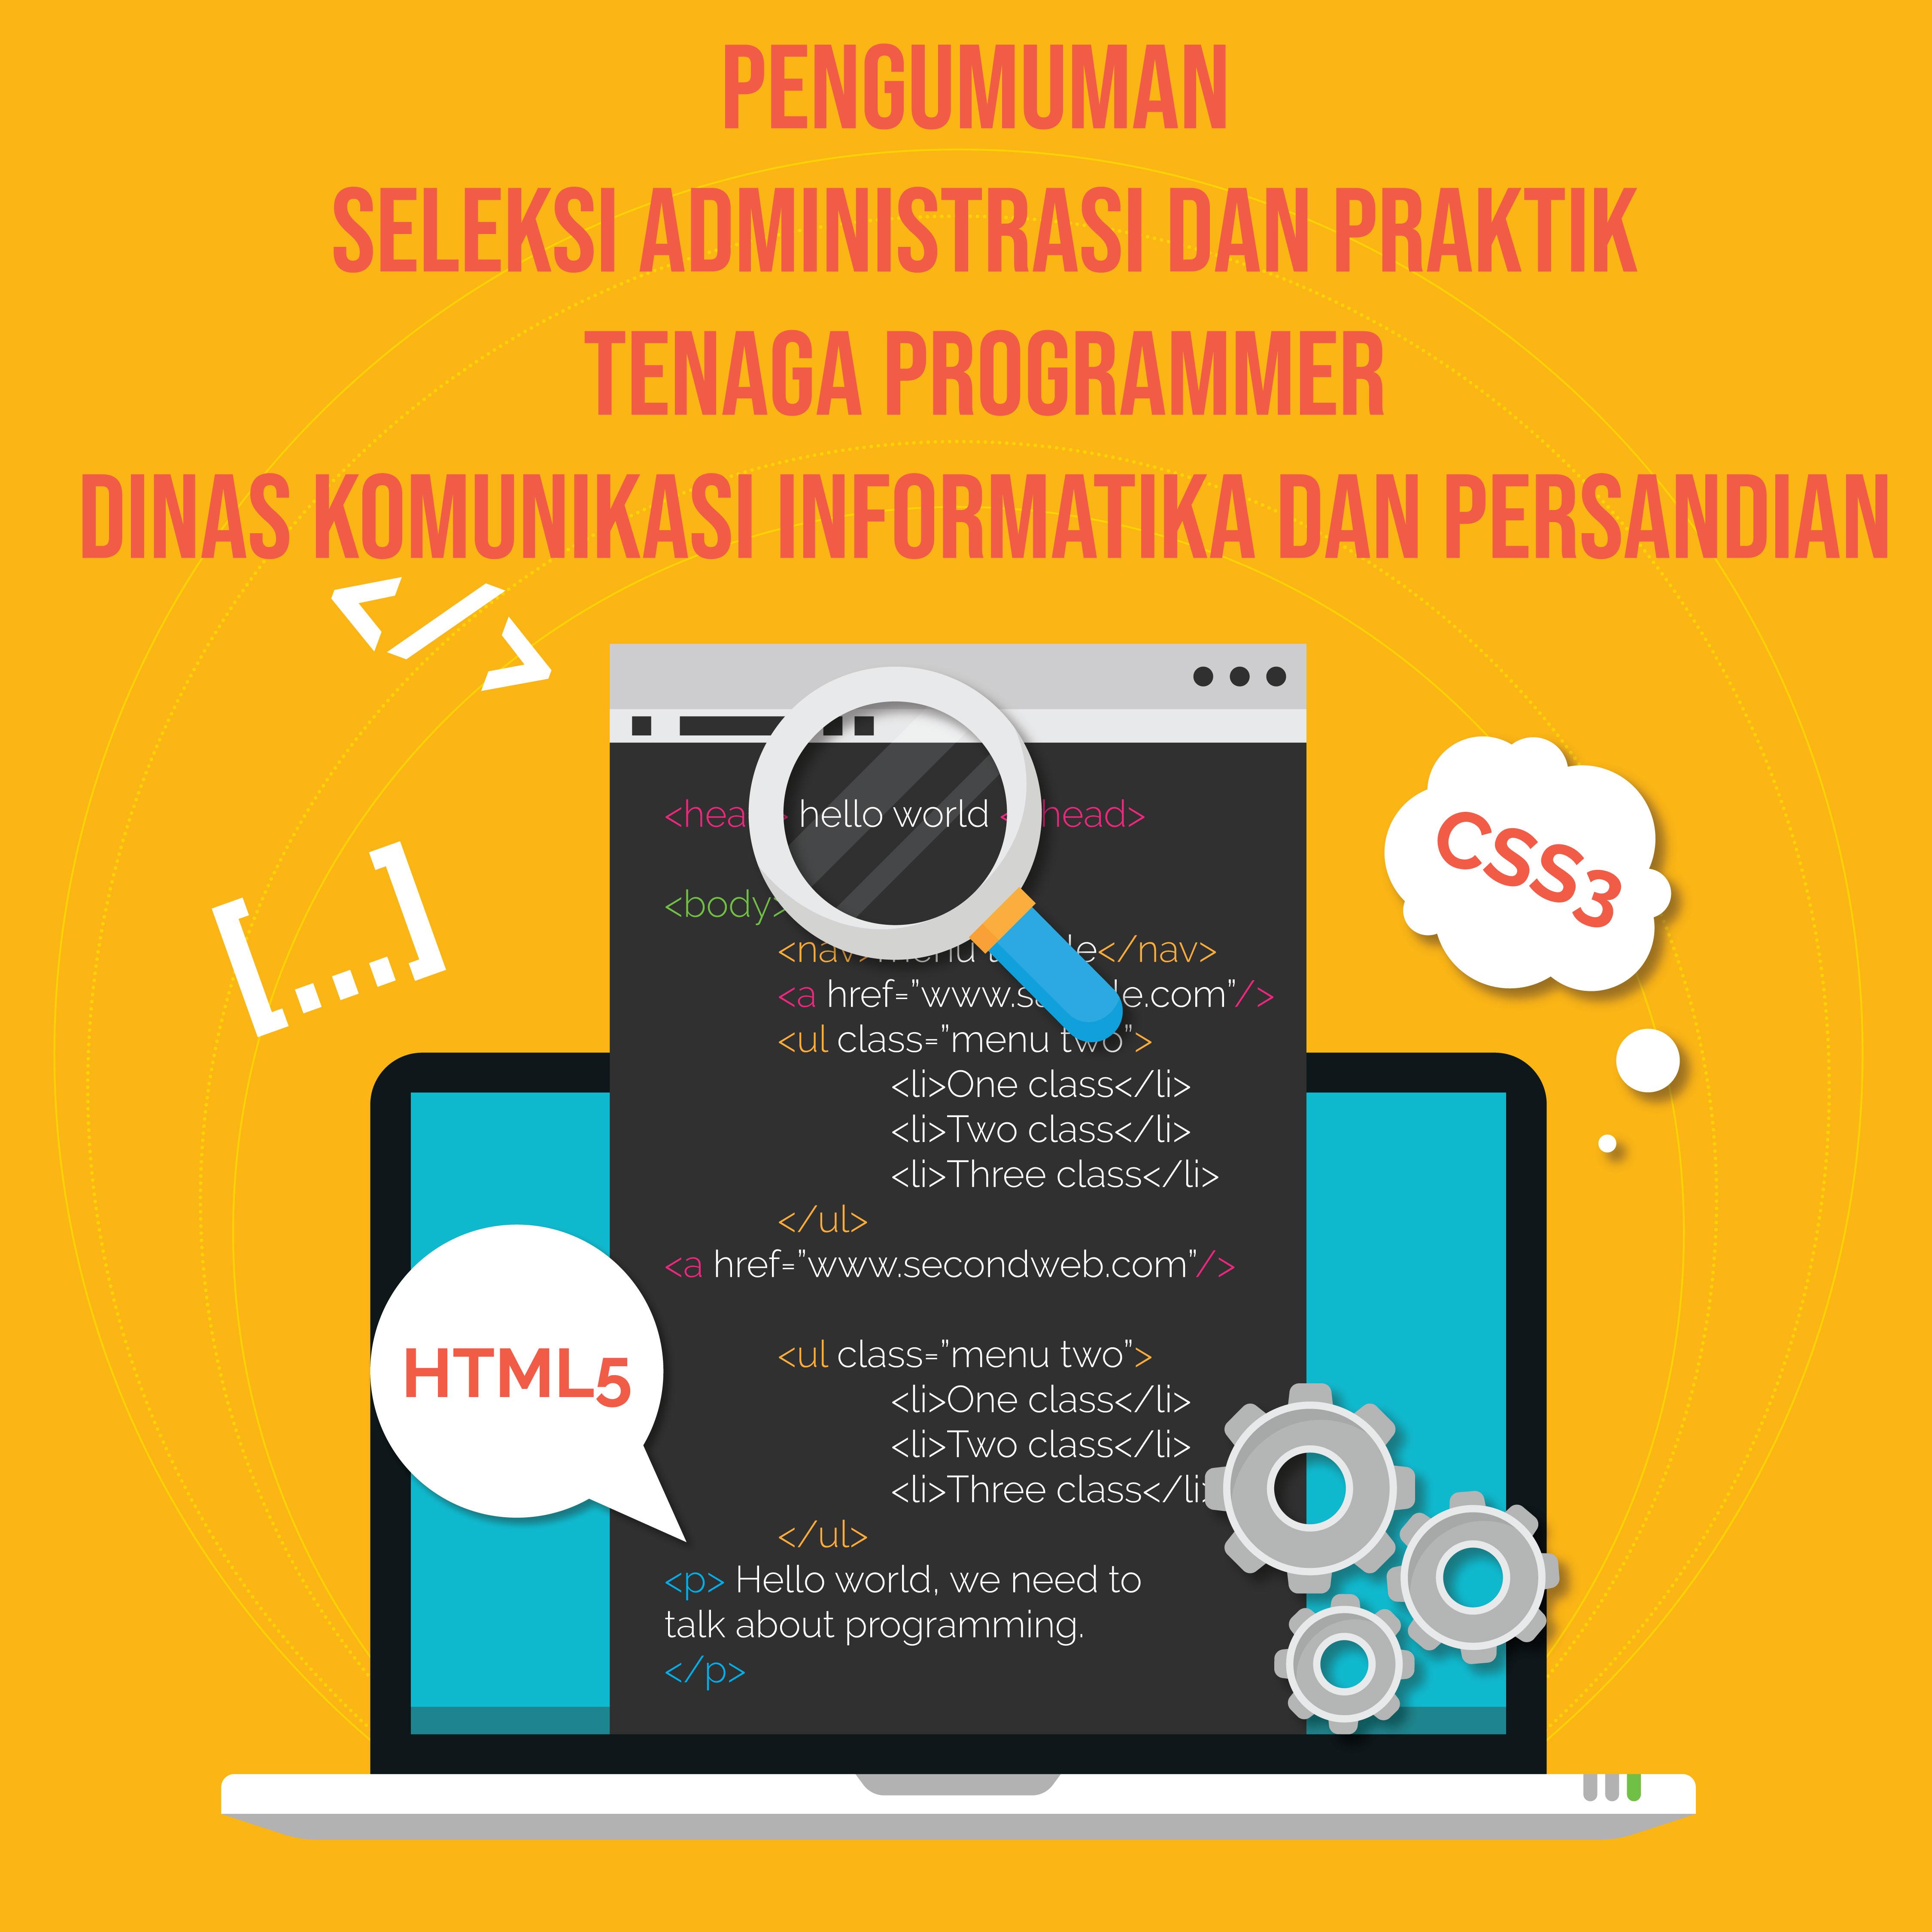 Hasil Seleksi Administrasi dan Praktik Tenaga Programmer di Dinas Kominfosandi